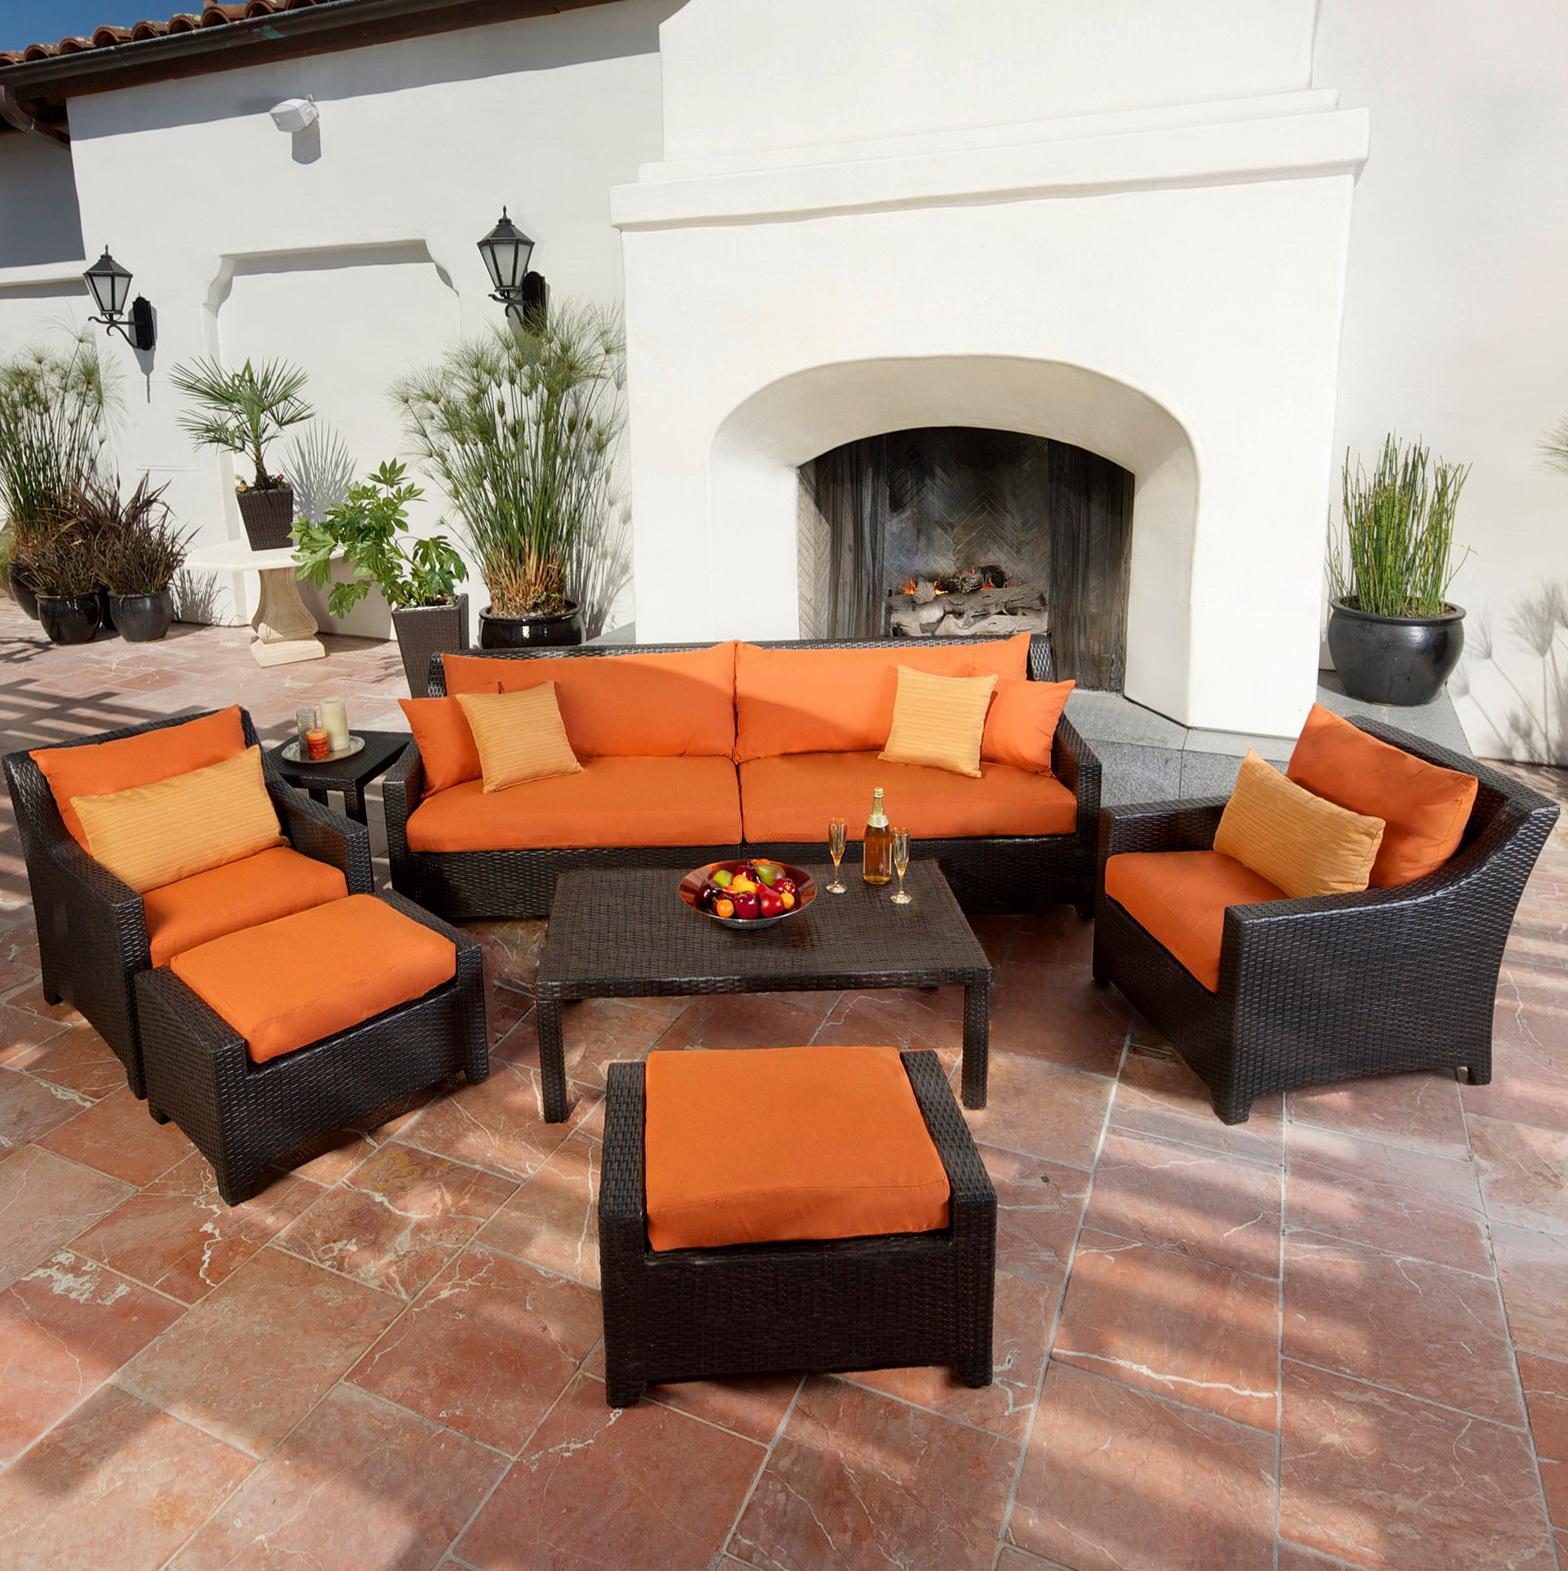 Patio Chair Cushions Clearance Walmart Home Design Ideas